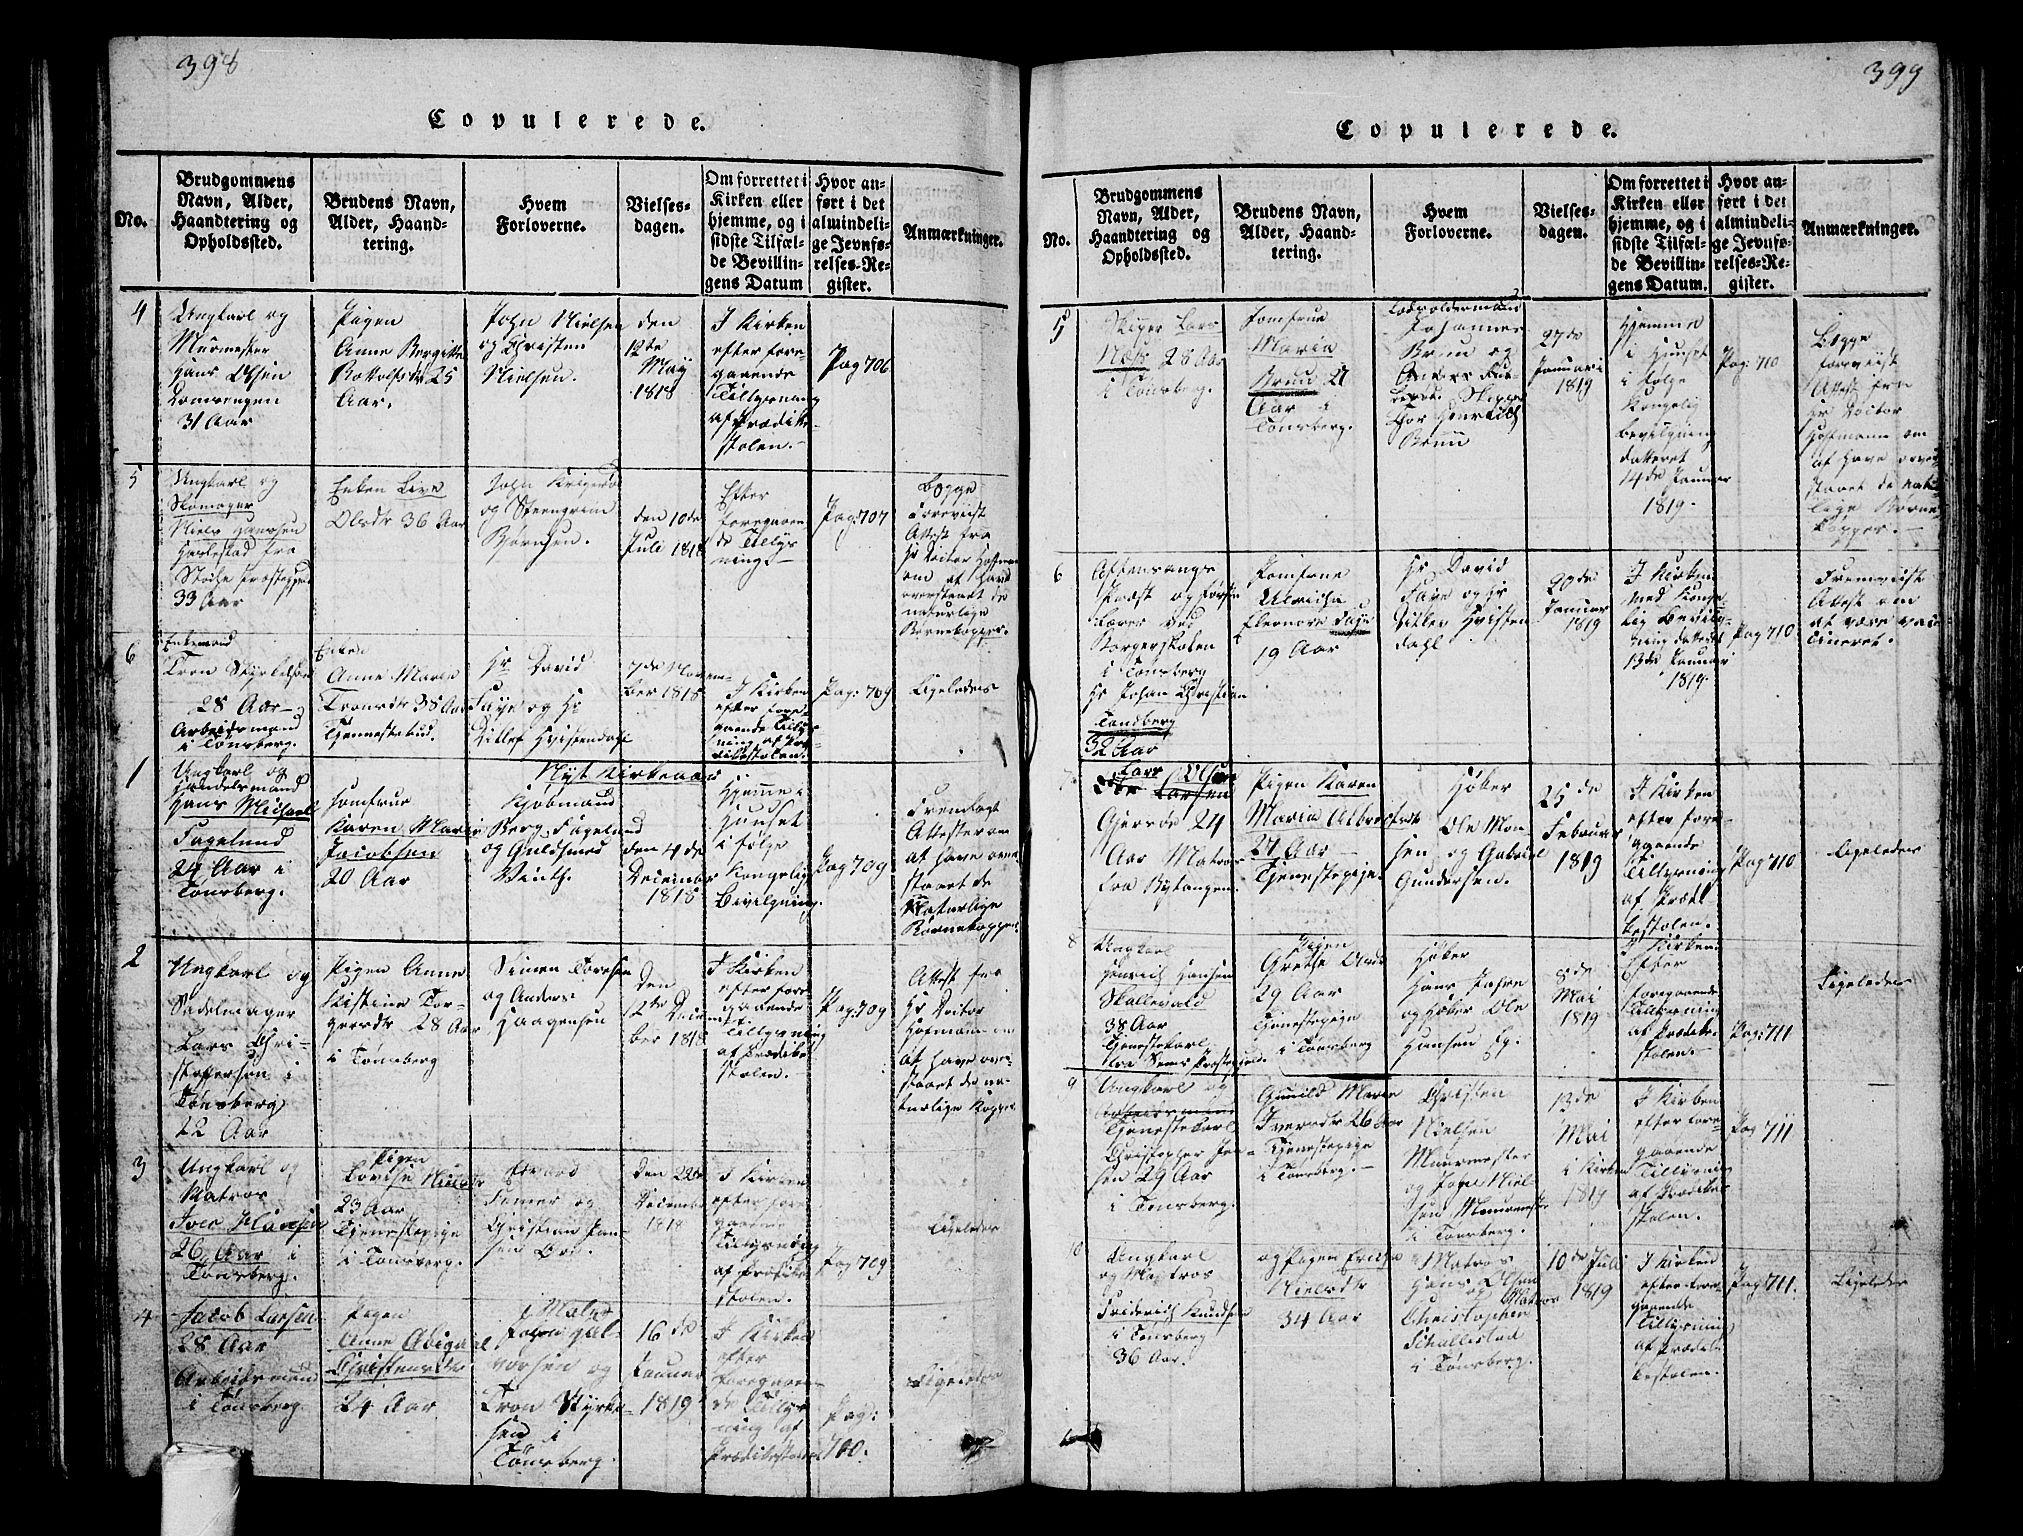 SAKO, Tønsberg kirkebøker, G/Ga/L0001: Klokkerbok nr. 1, 1813-1826, s. 398-399